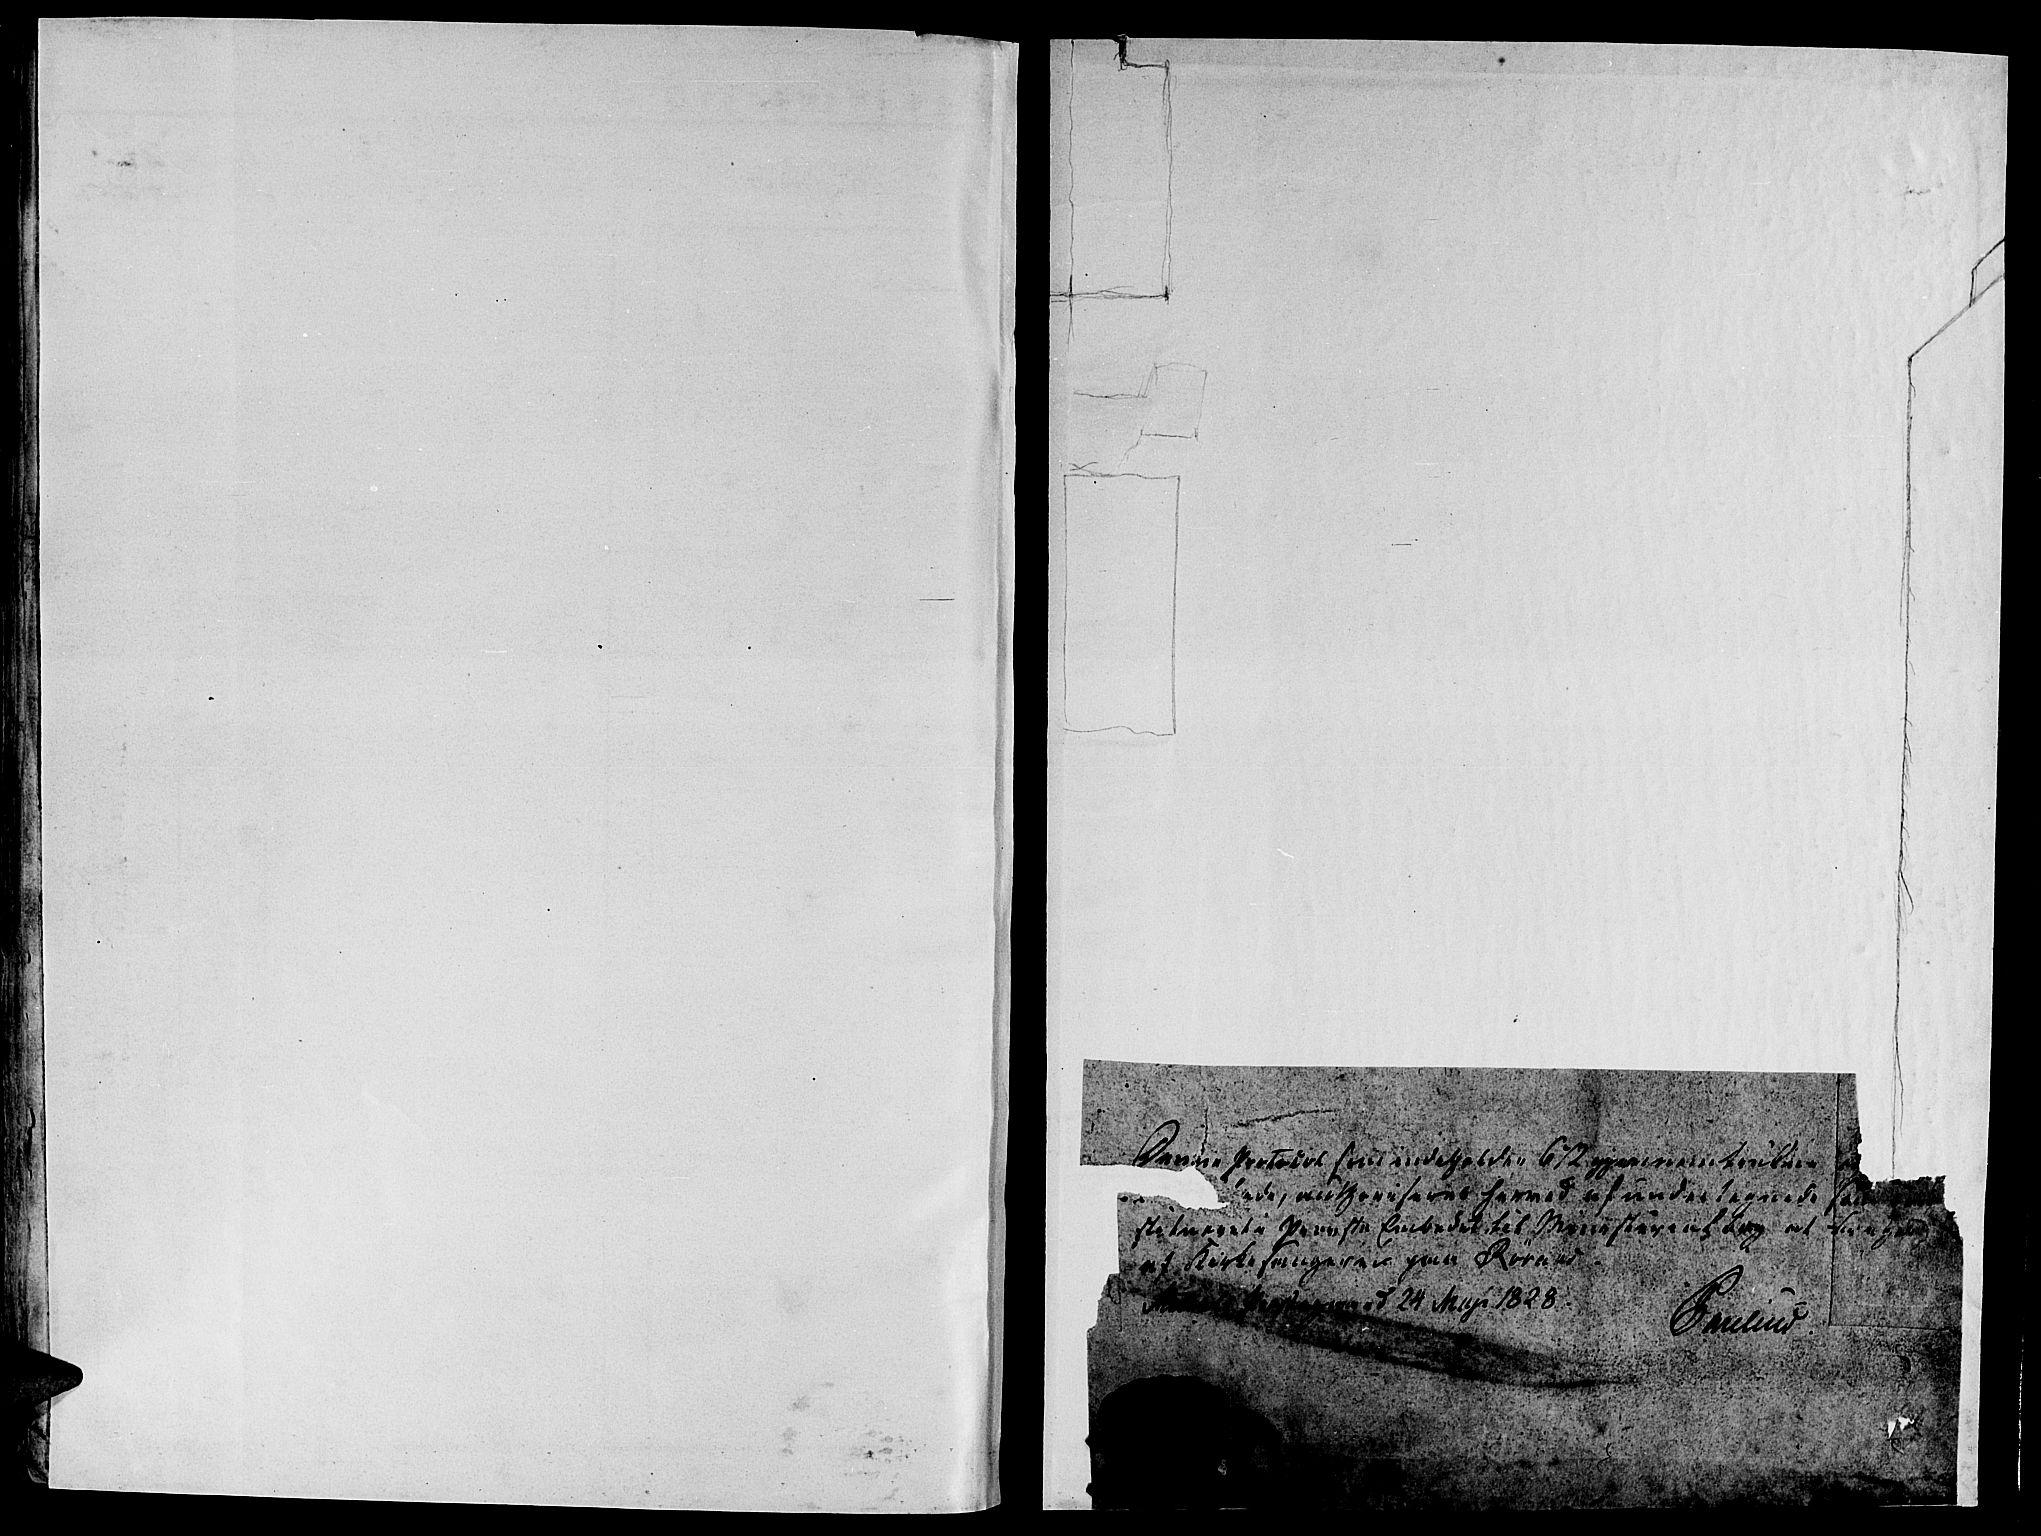 SAT, Ministerialprotokoller, klokkerbøker og fødselsregistre - Sør-Trøndelag, 681/L0939: Klokkerbok nr. 681C03, 1829-1855